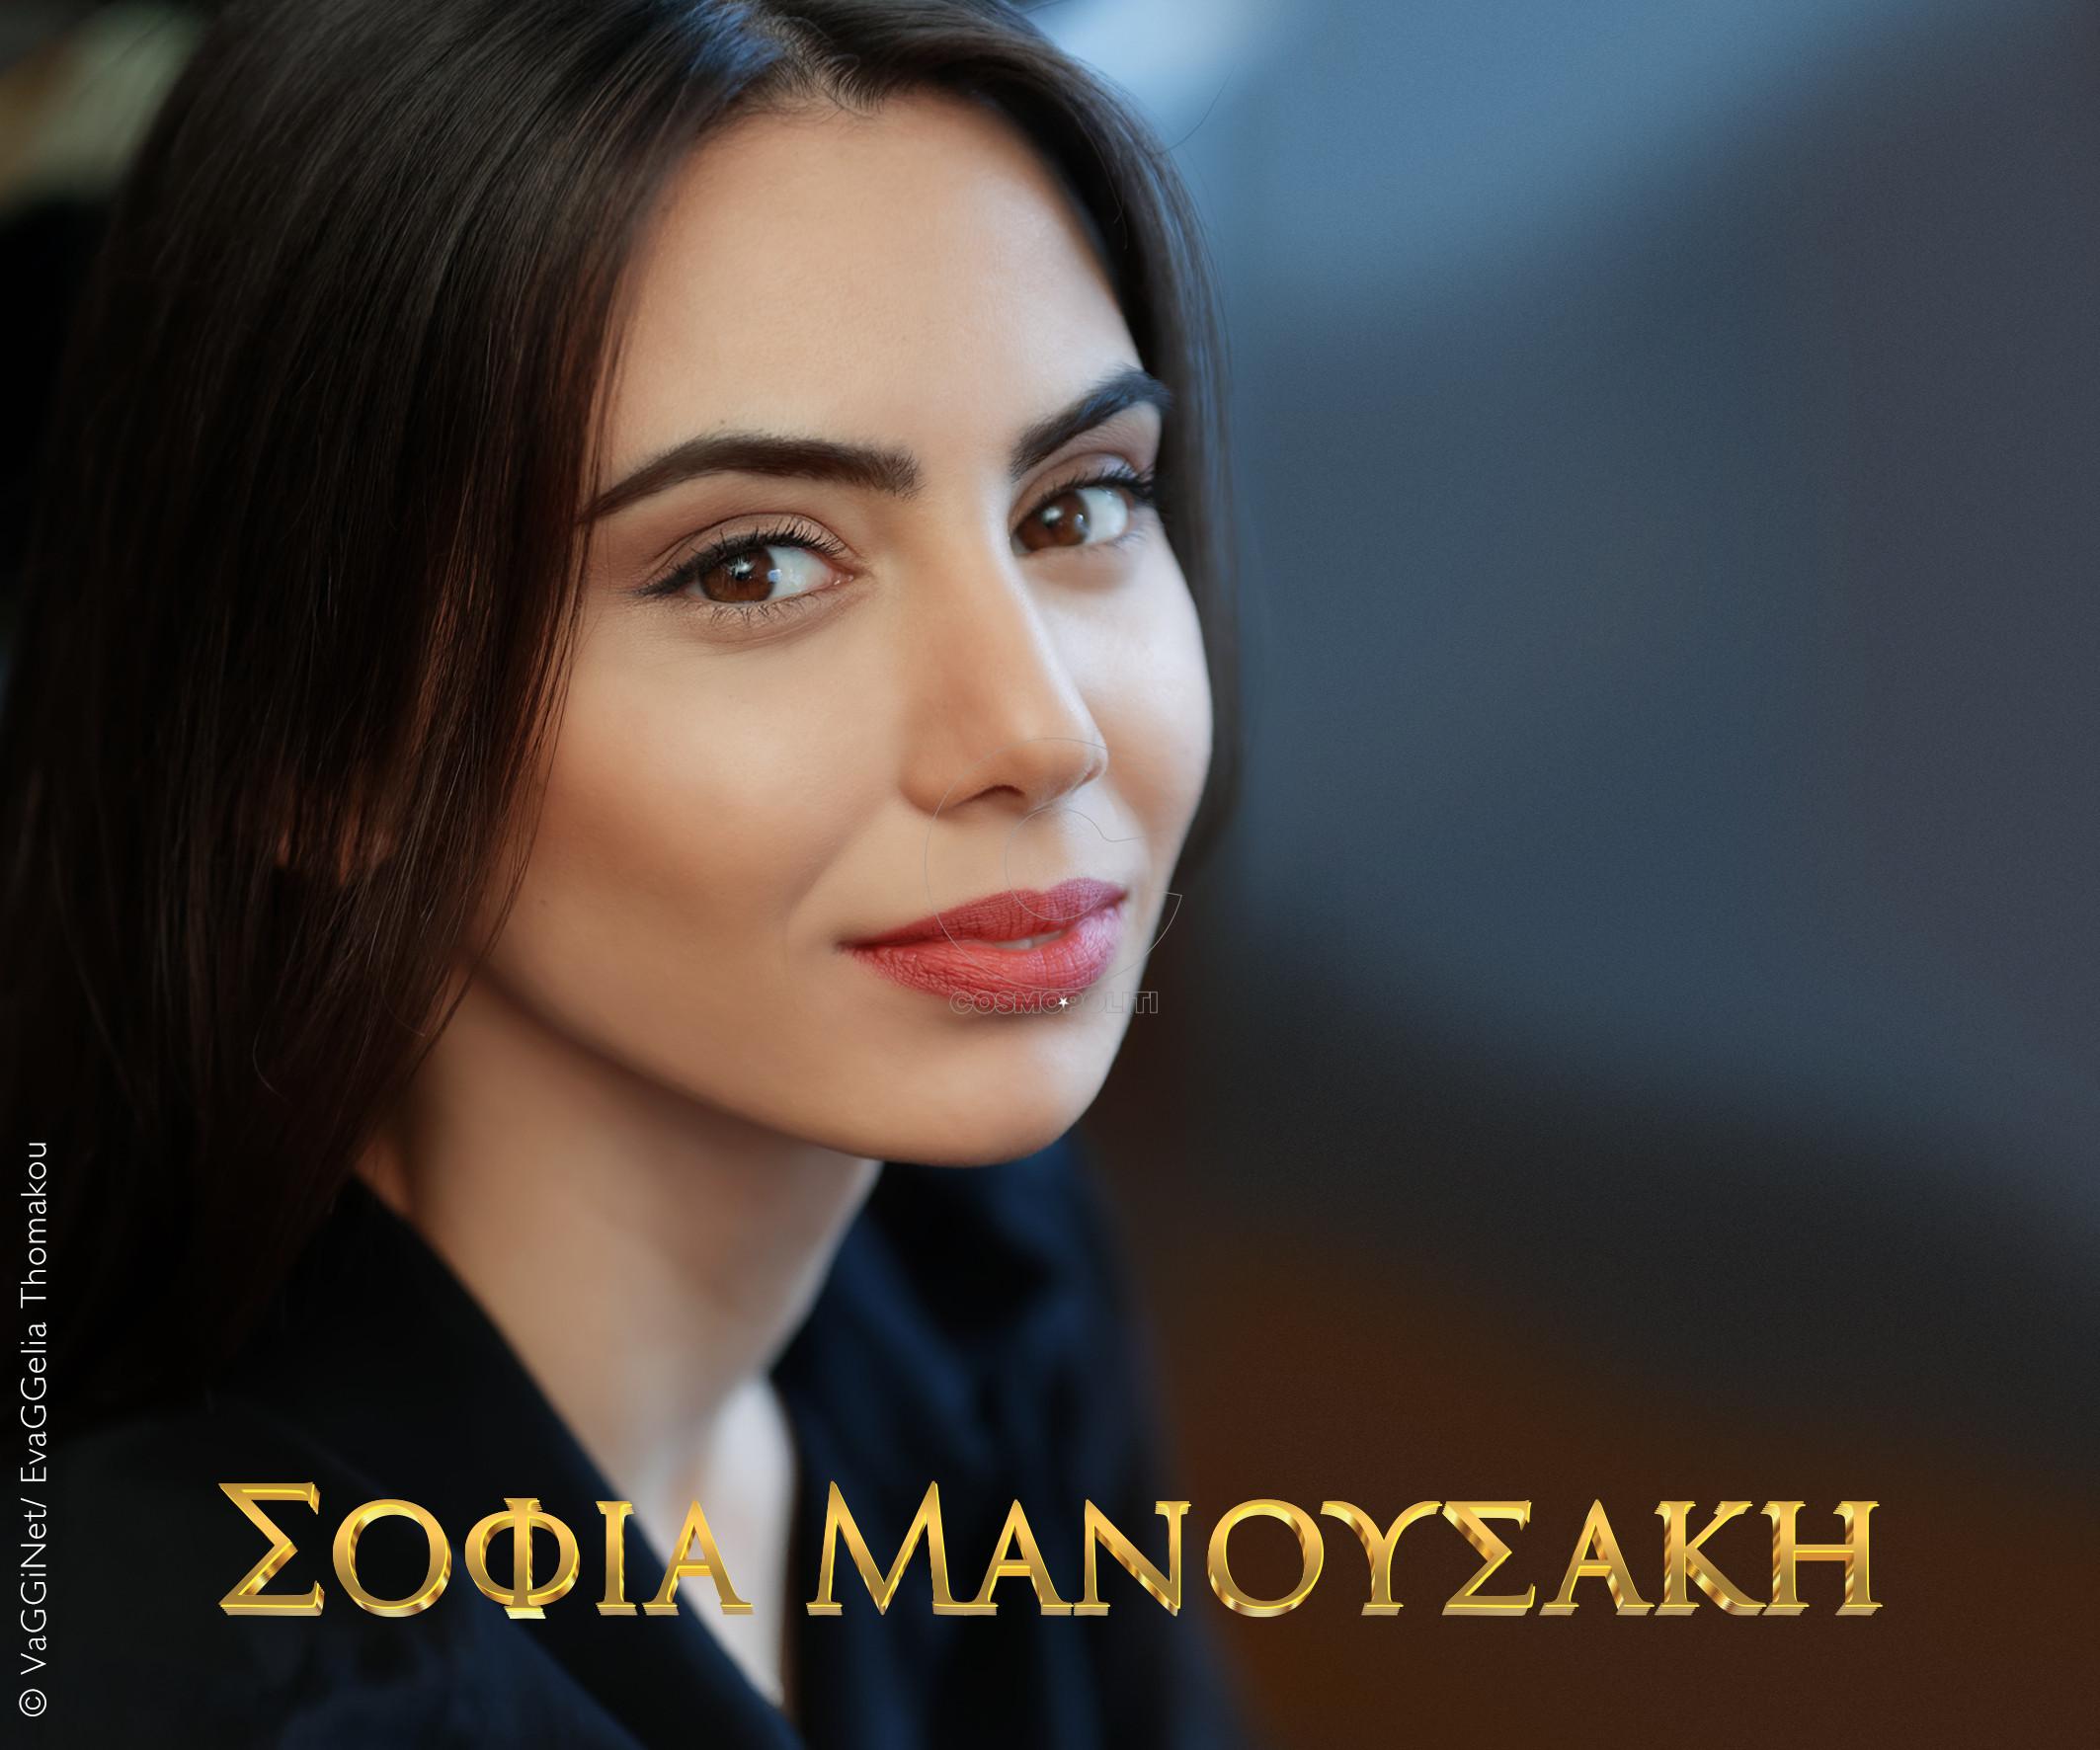 Sofia Manousaki 30x36 2